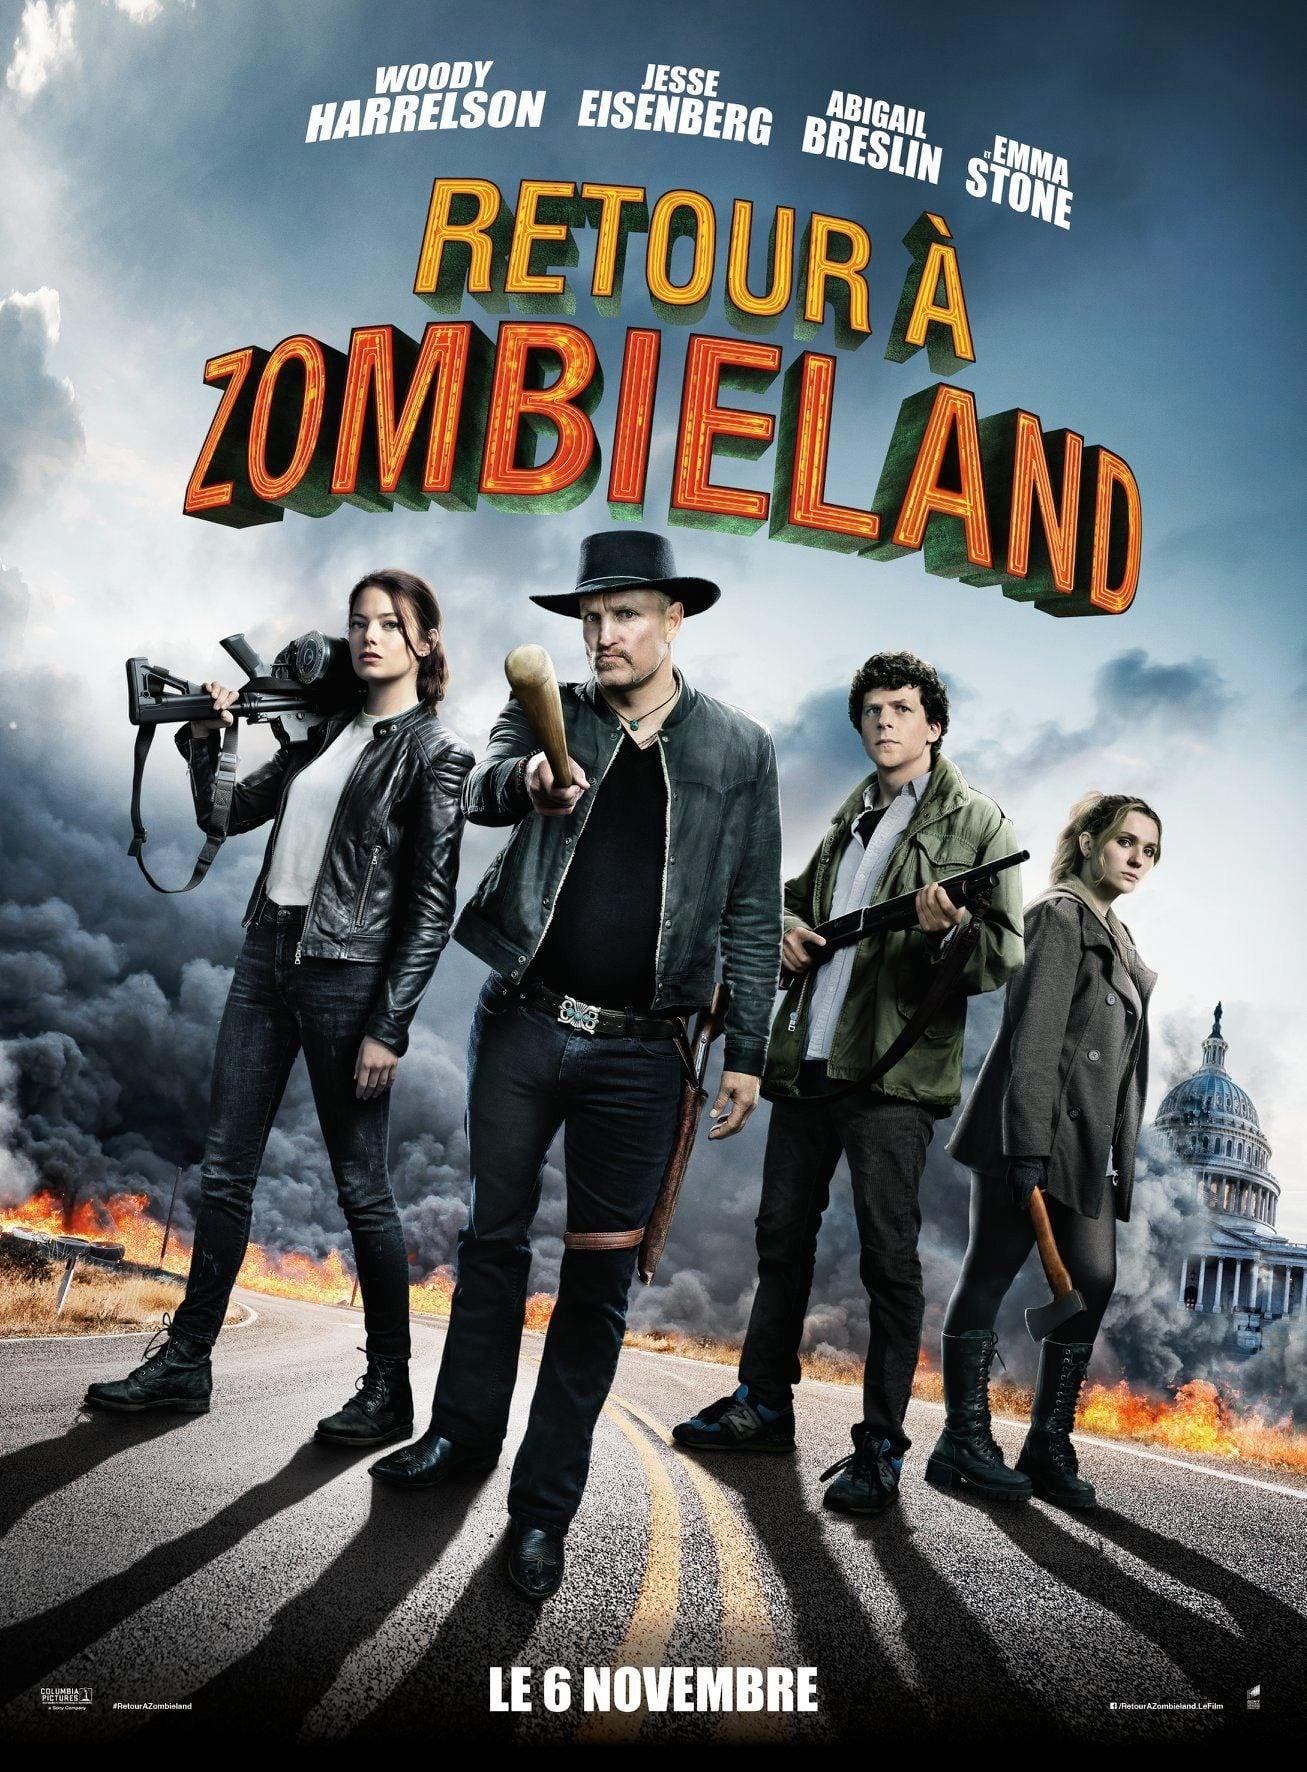 Retour à Zombieland - Mator